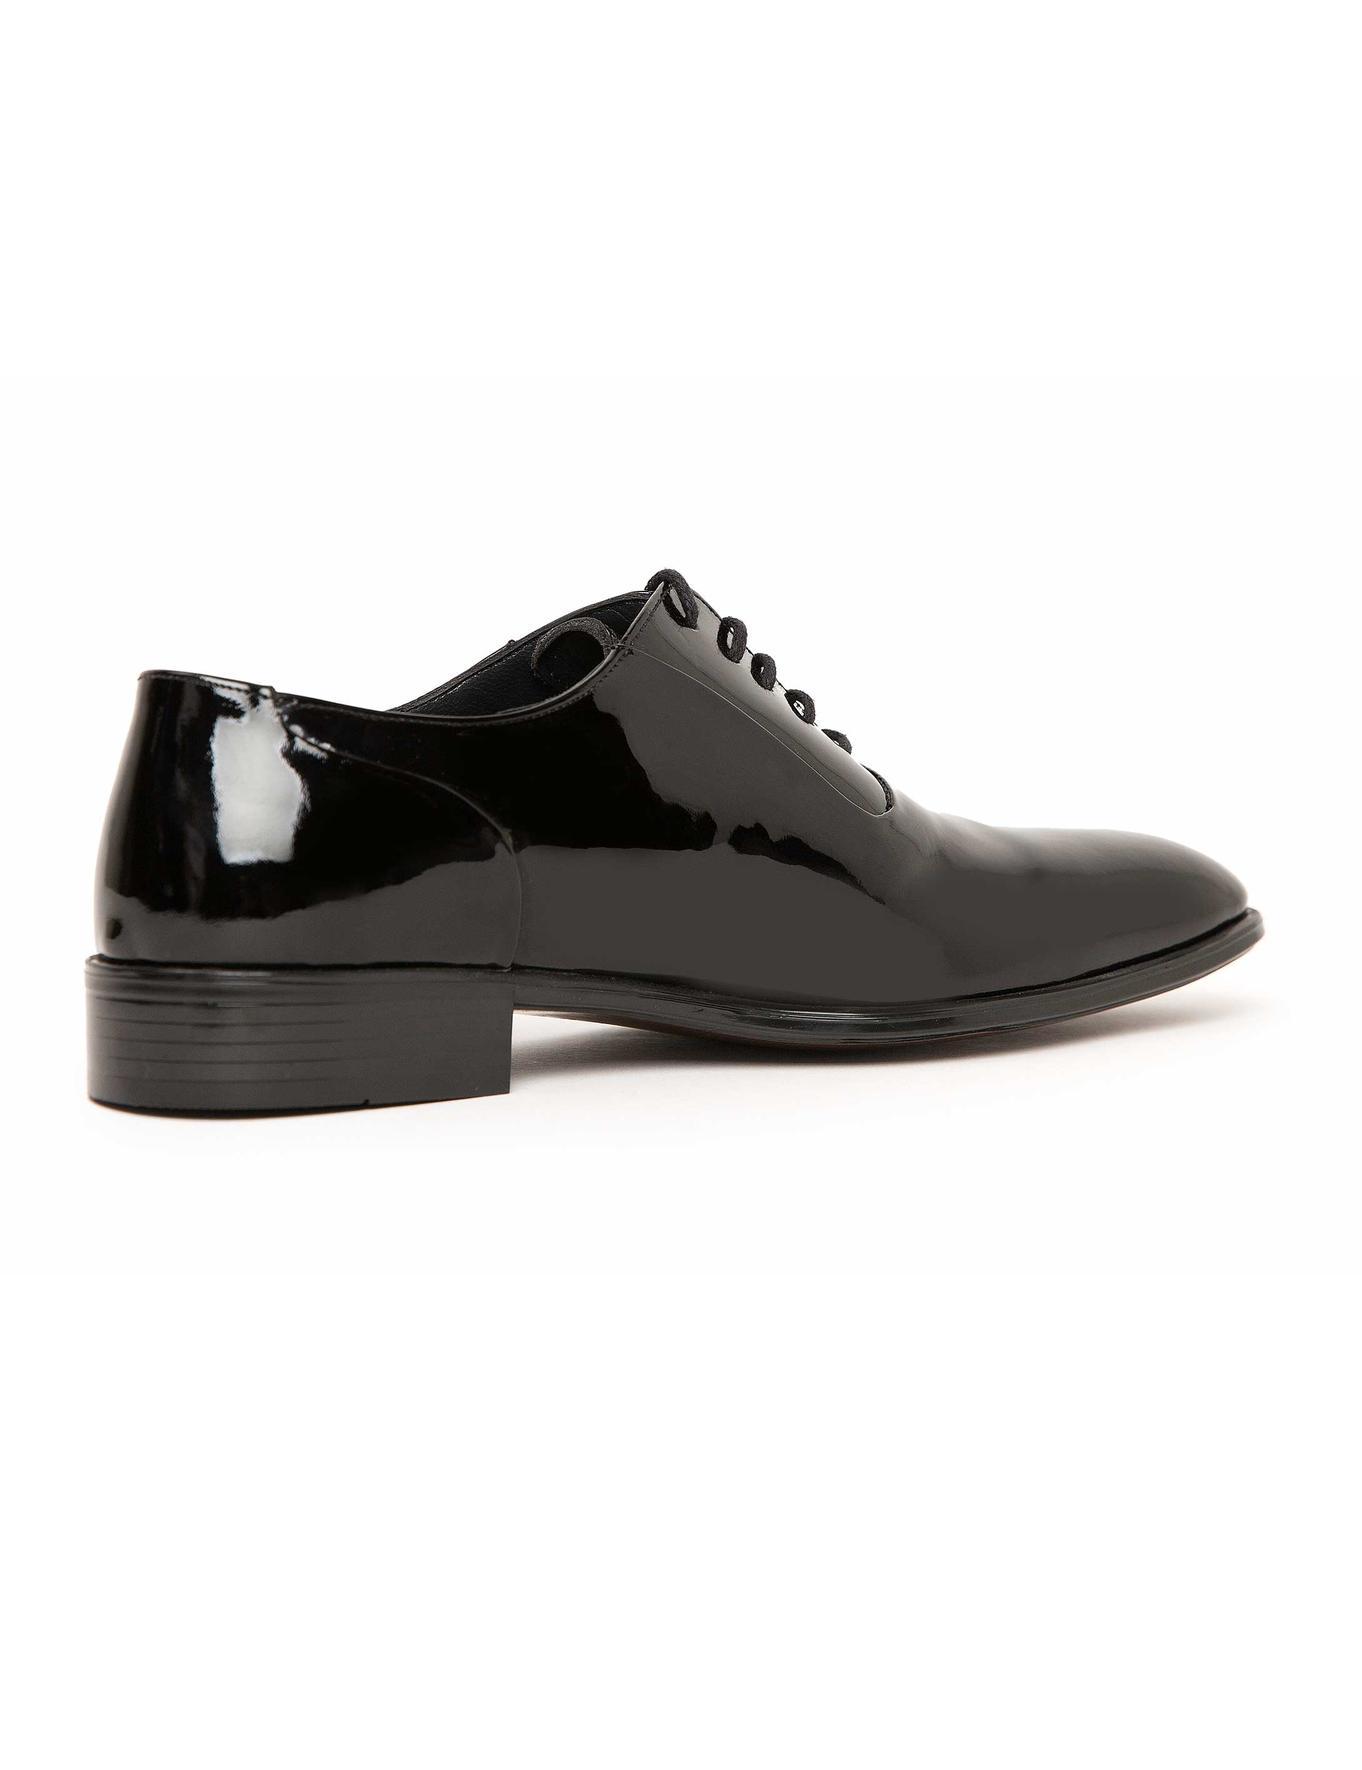 Füme Klasik Ayakkabı